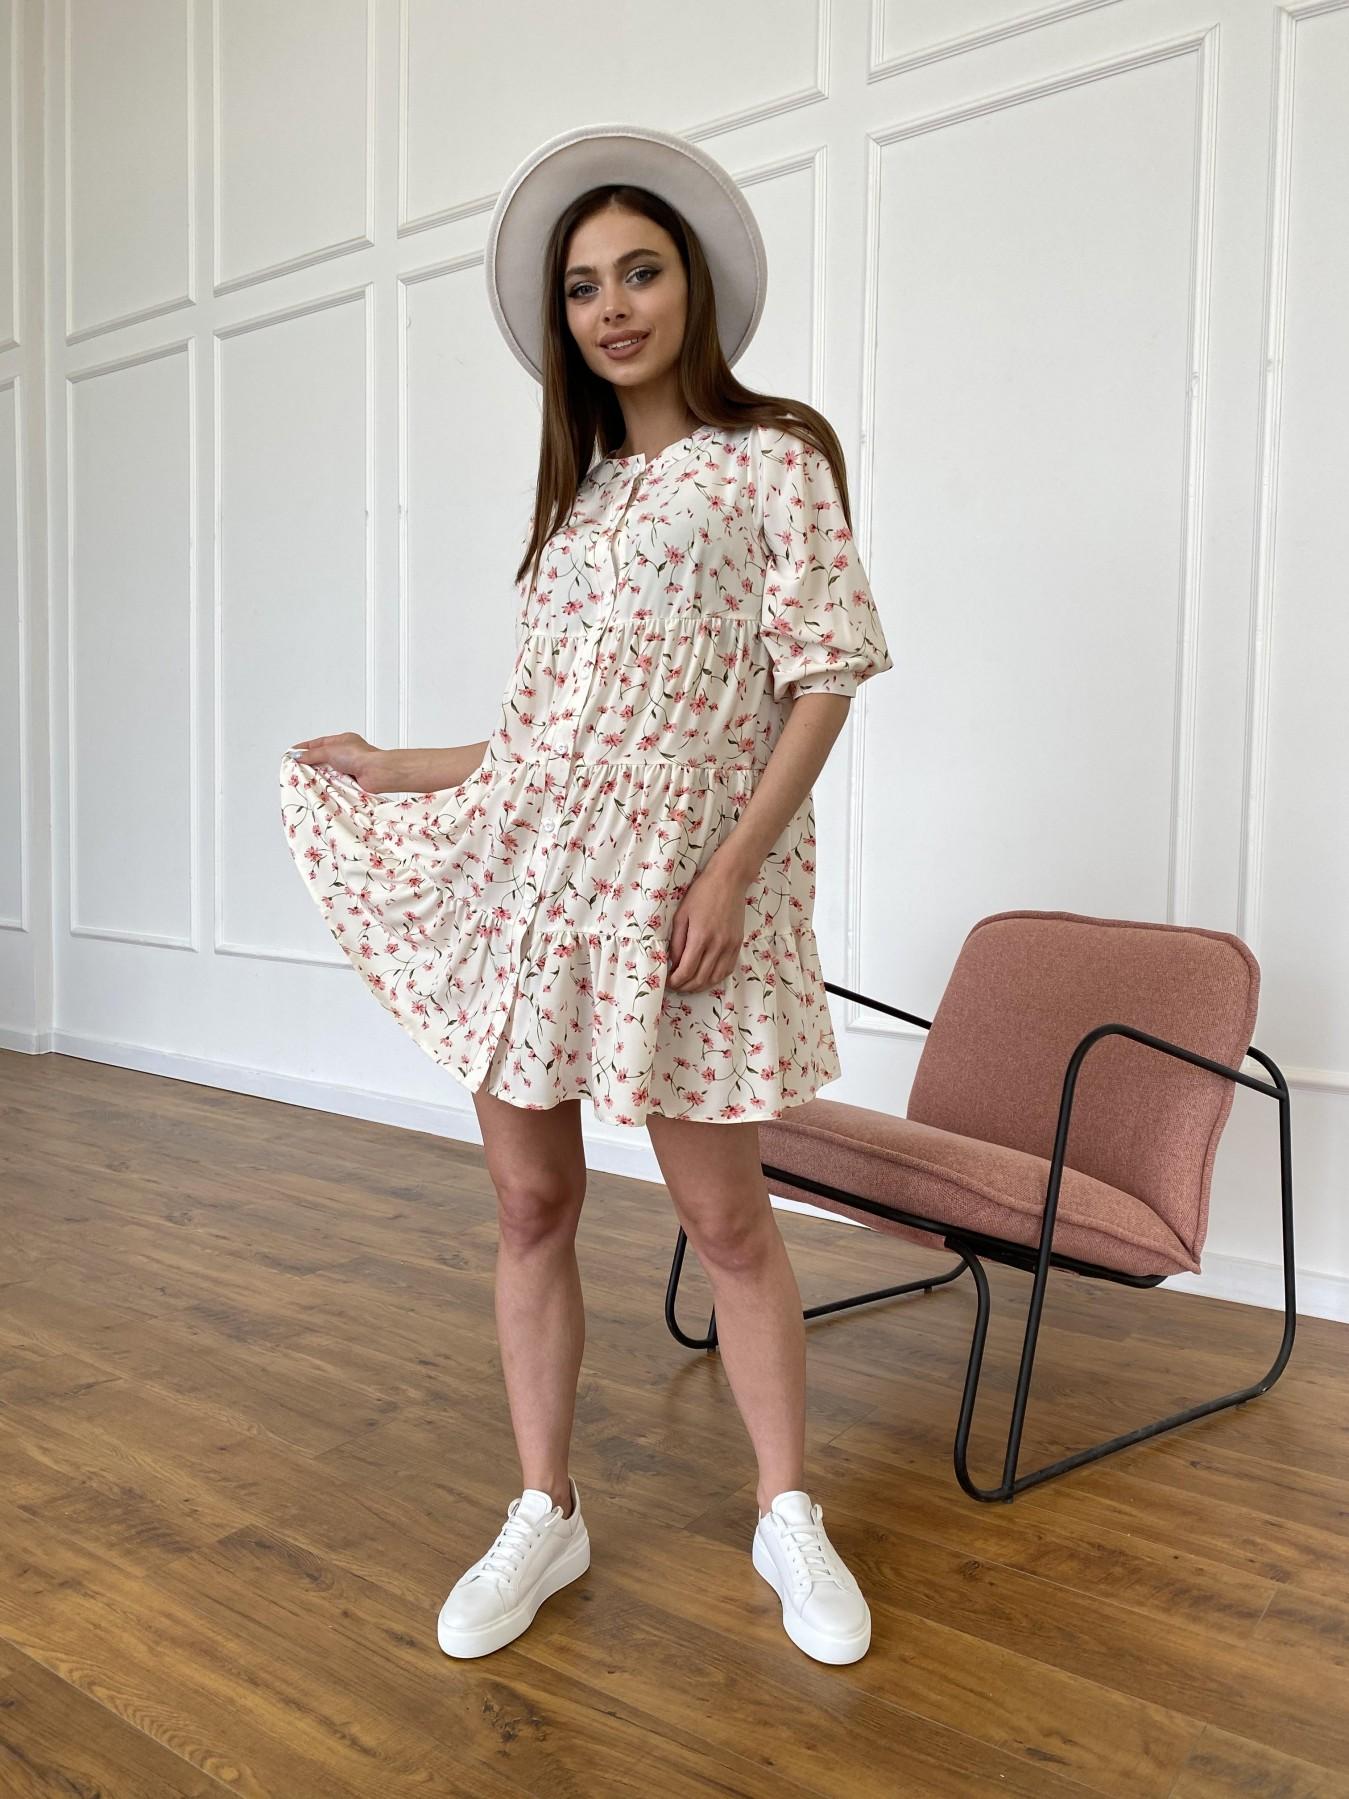 Берри платье из ткани софт в принт 11211 АРТ. 47724 Цвет: Молоко/розовый, Цветы - фото 1, интернет магазин tm-modus.ru